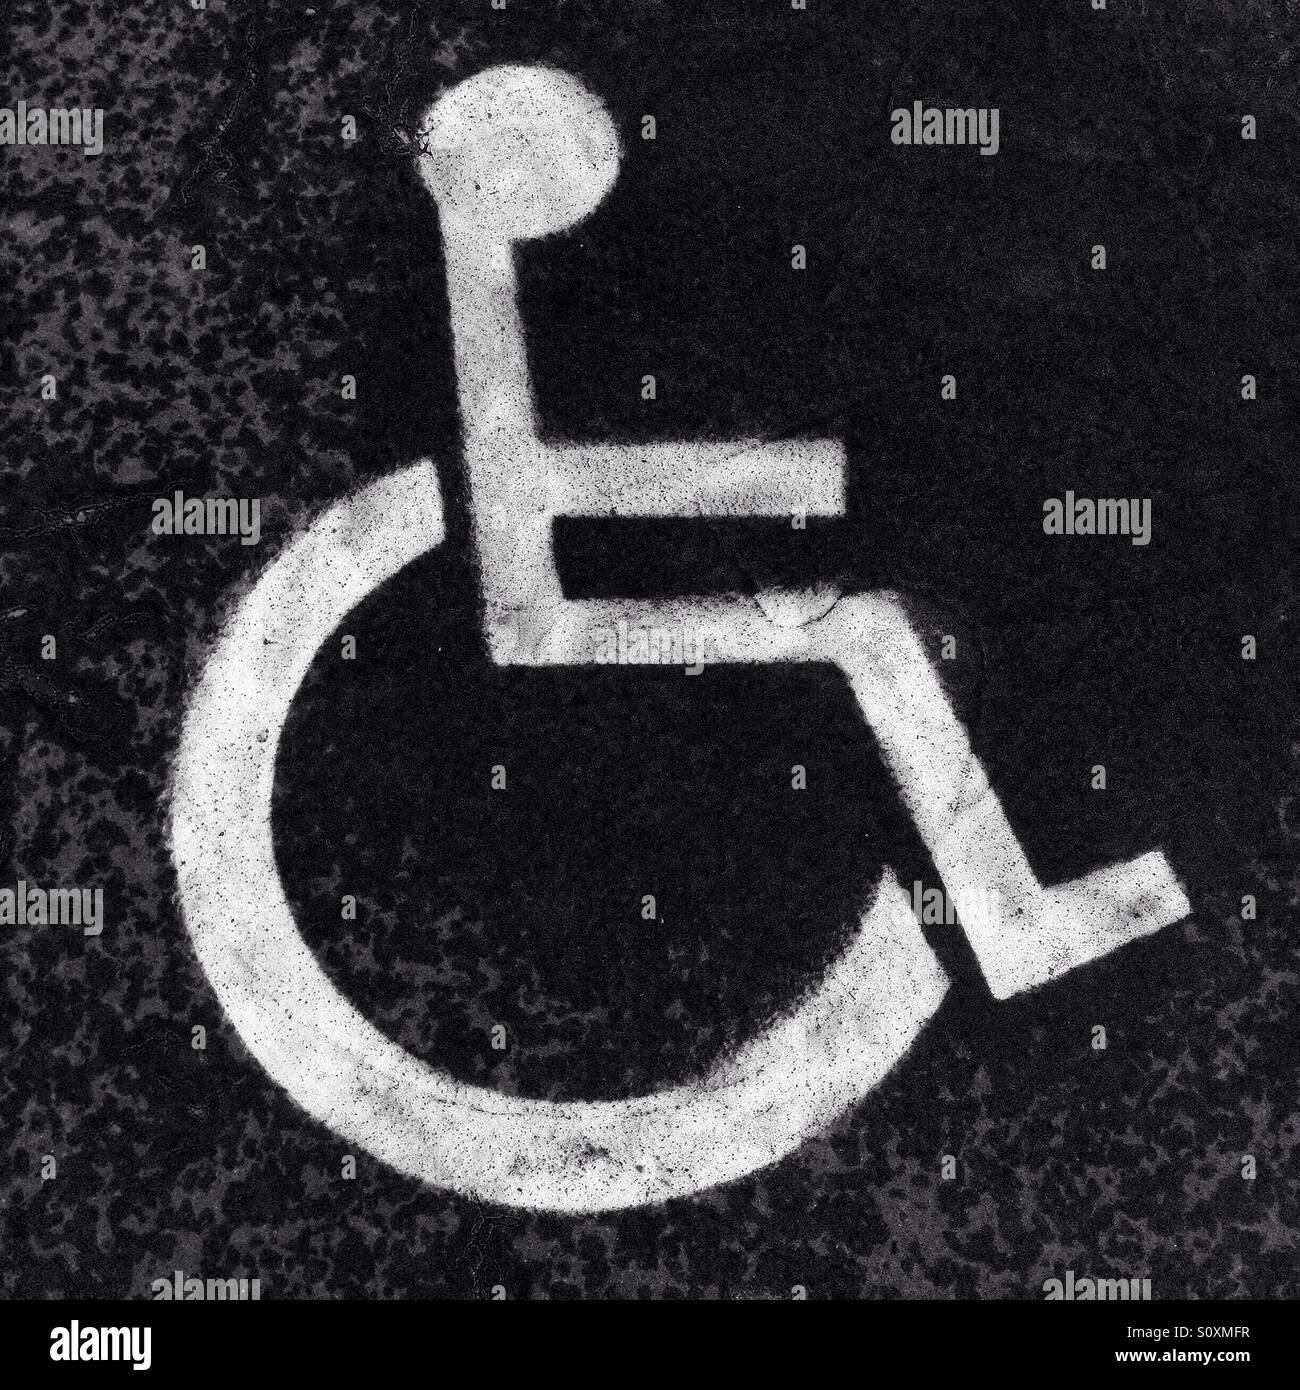 Behinderte Zeichen auf der Straße in schwarzen und weißen Farben gemalt Stockbild